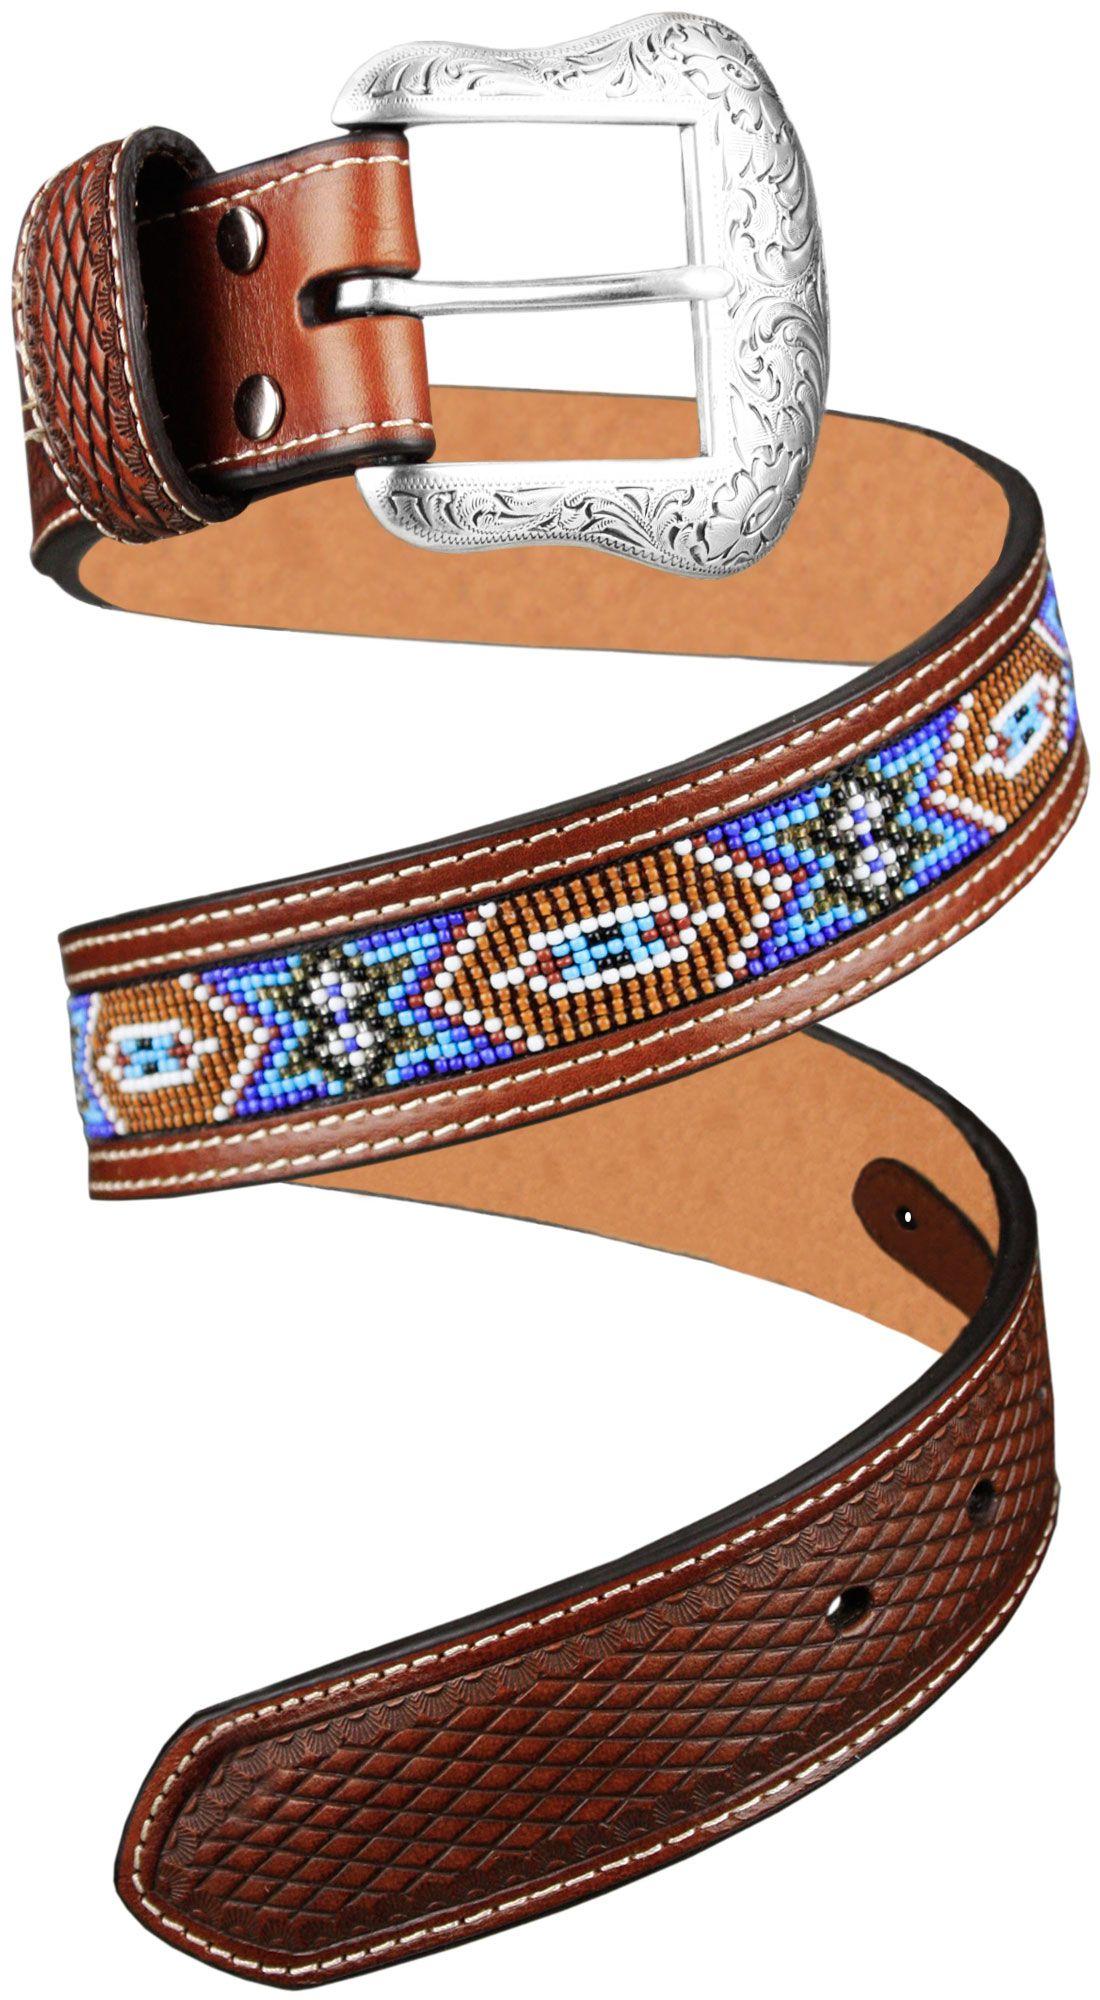 Cinto Masculino de Couro Importado Nocona e Miçangas Cinto masculino em  couro com desenho estilo indígena 985c046f656